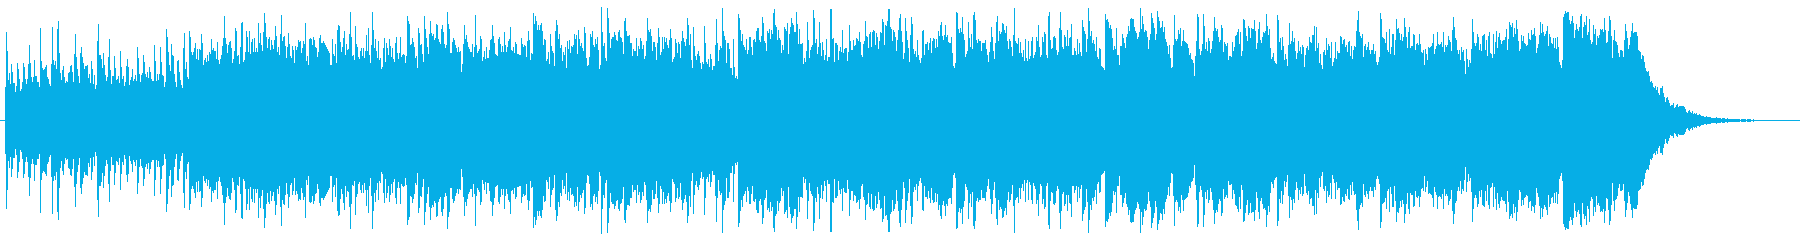 緊張感のあるシネマティックなBGMの再生済みの波形